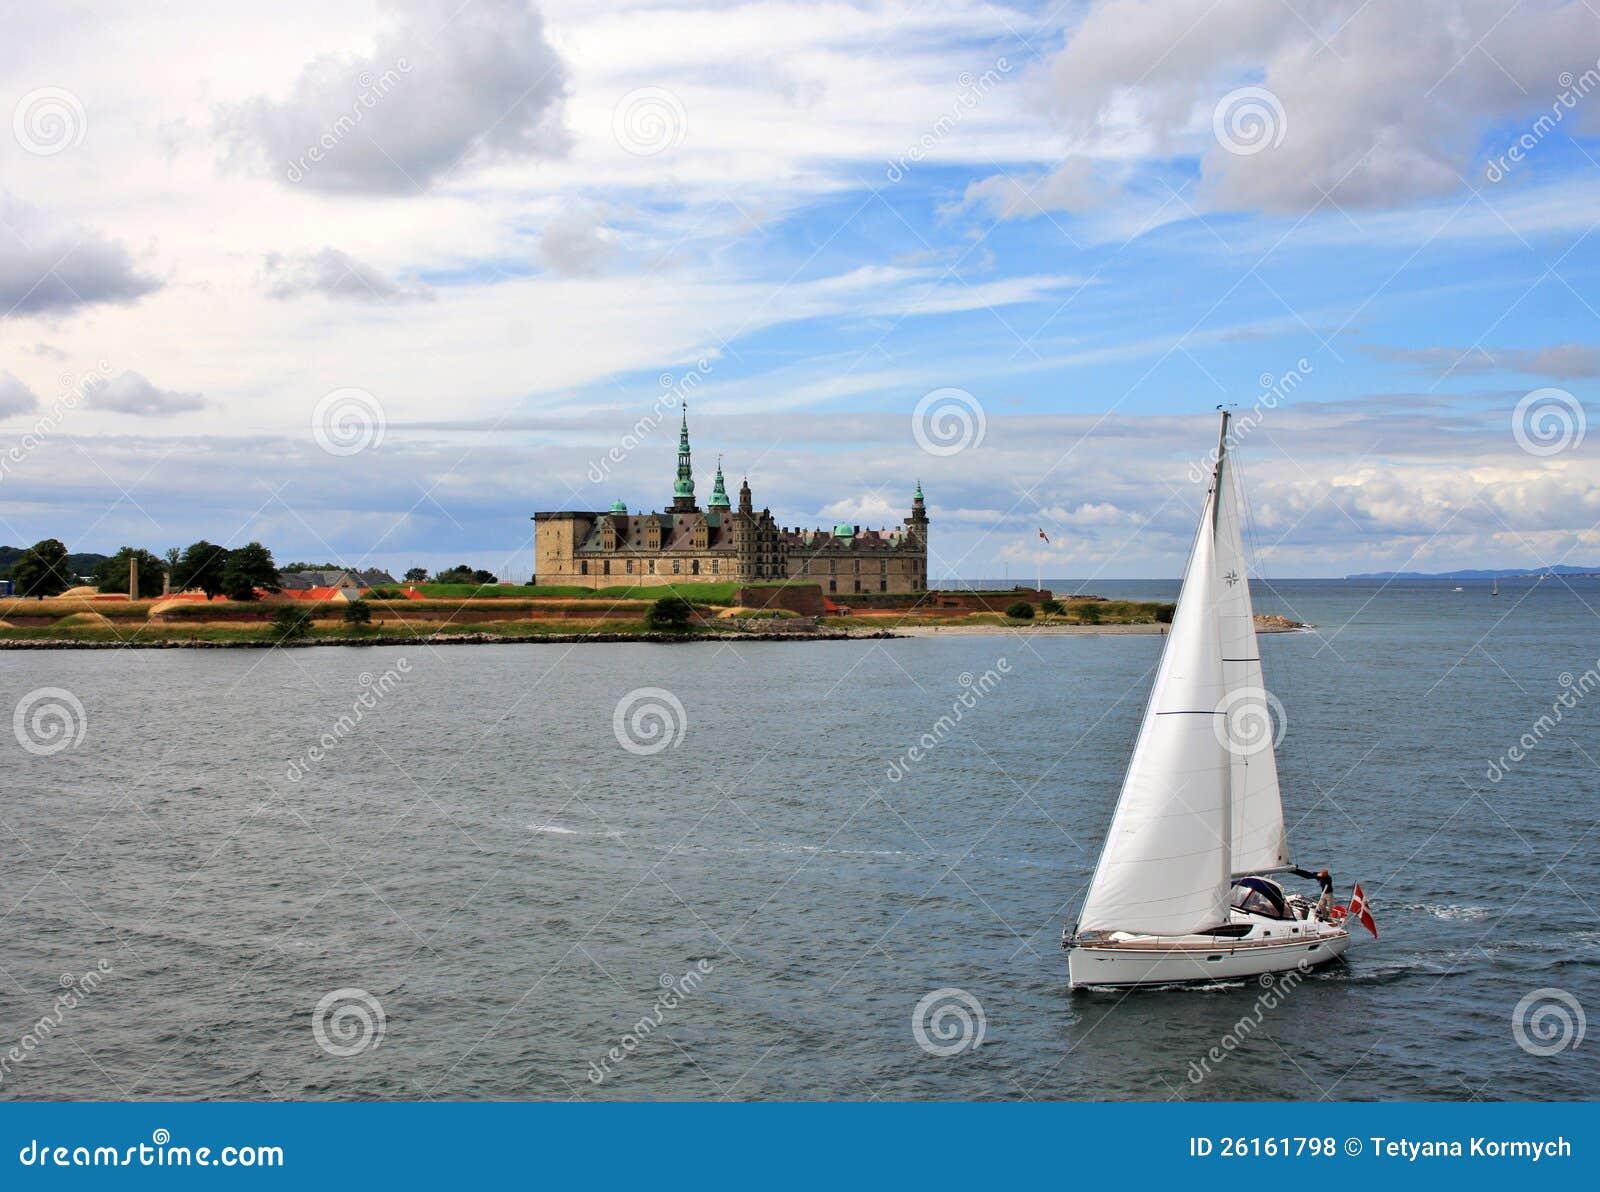 Castelo de Elsinore, Dinamarca